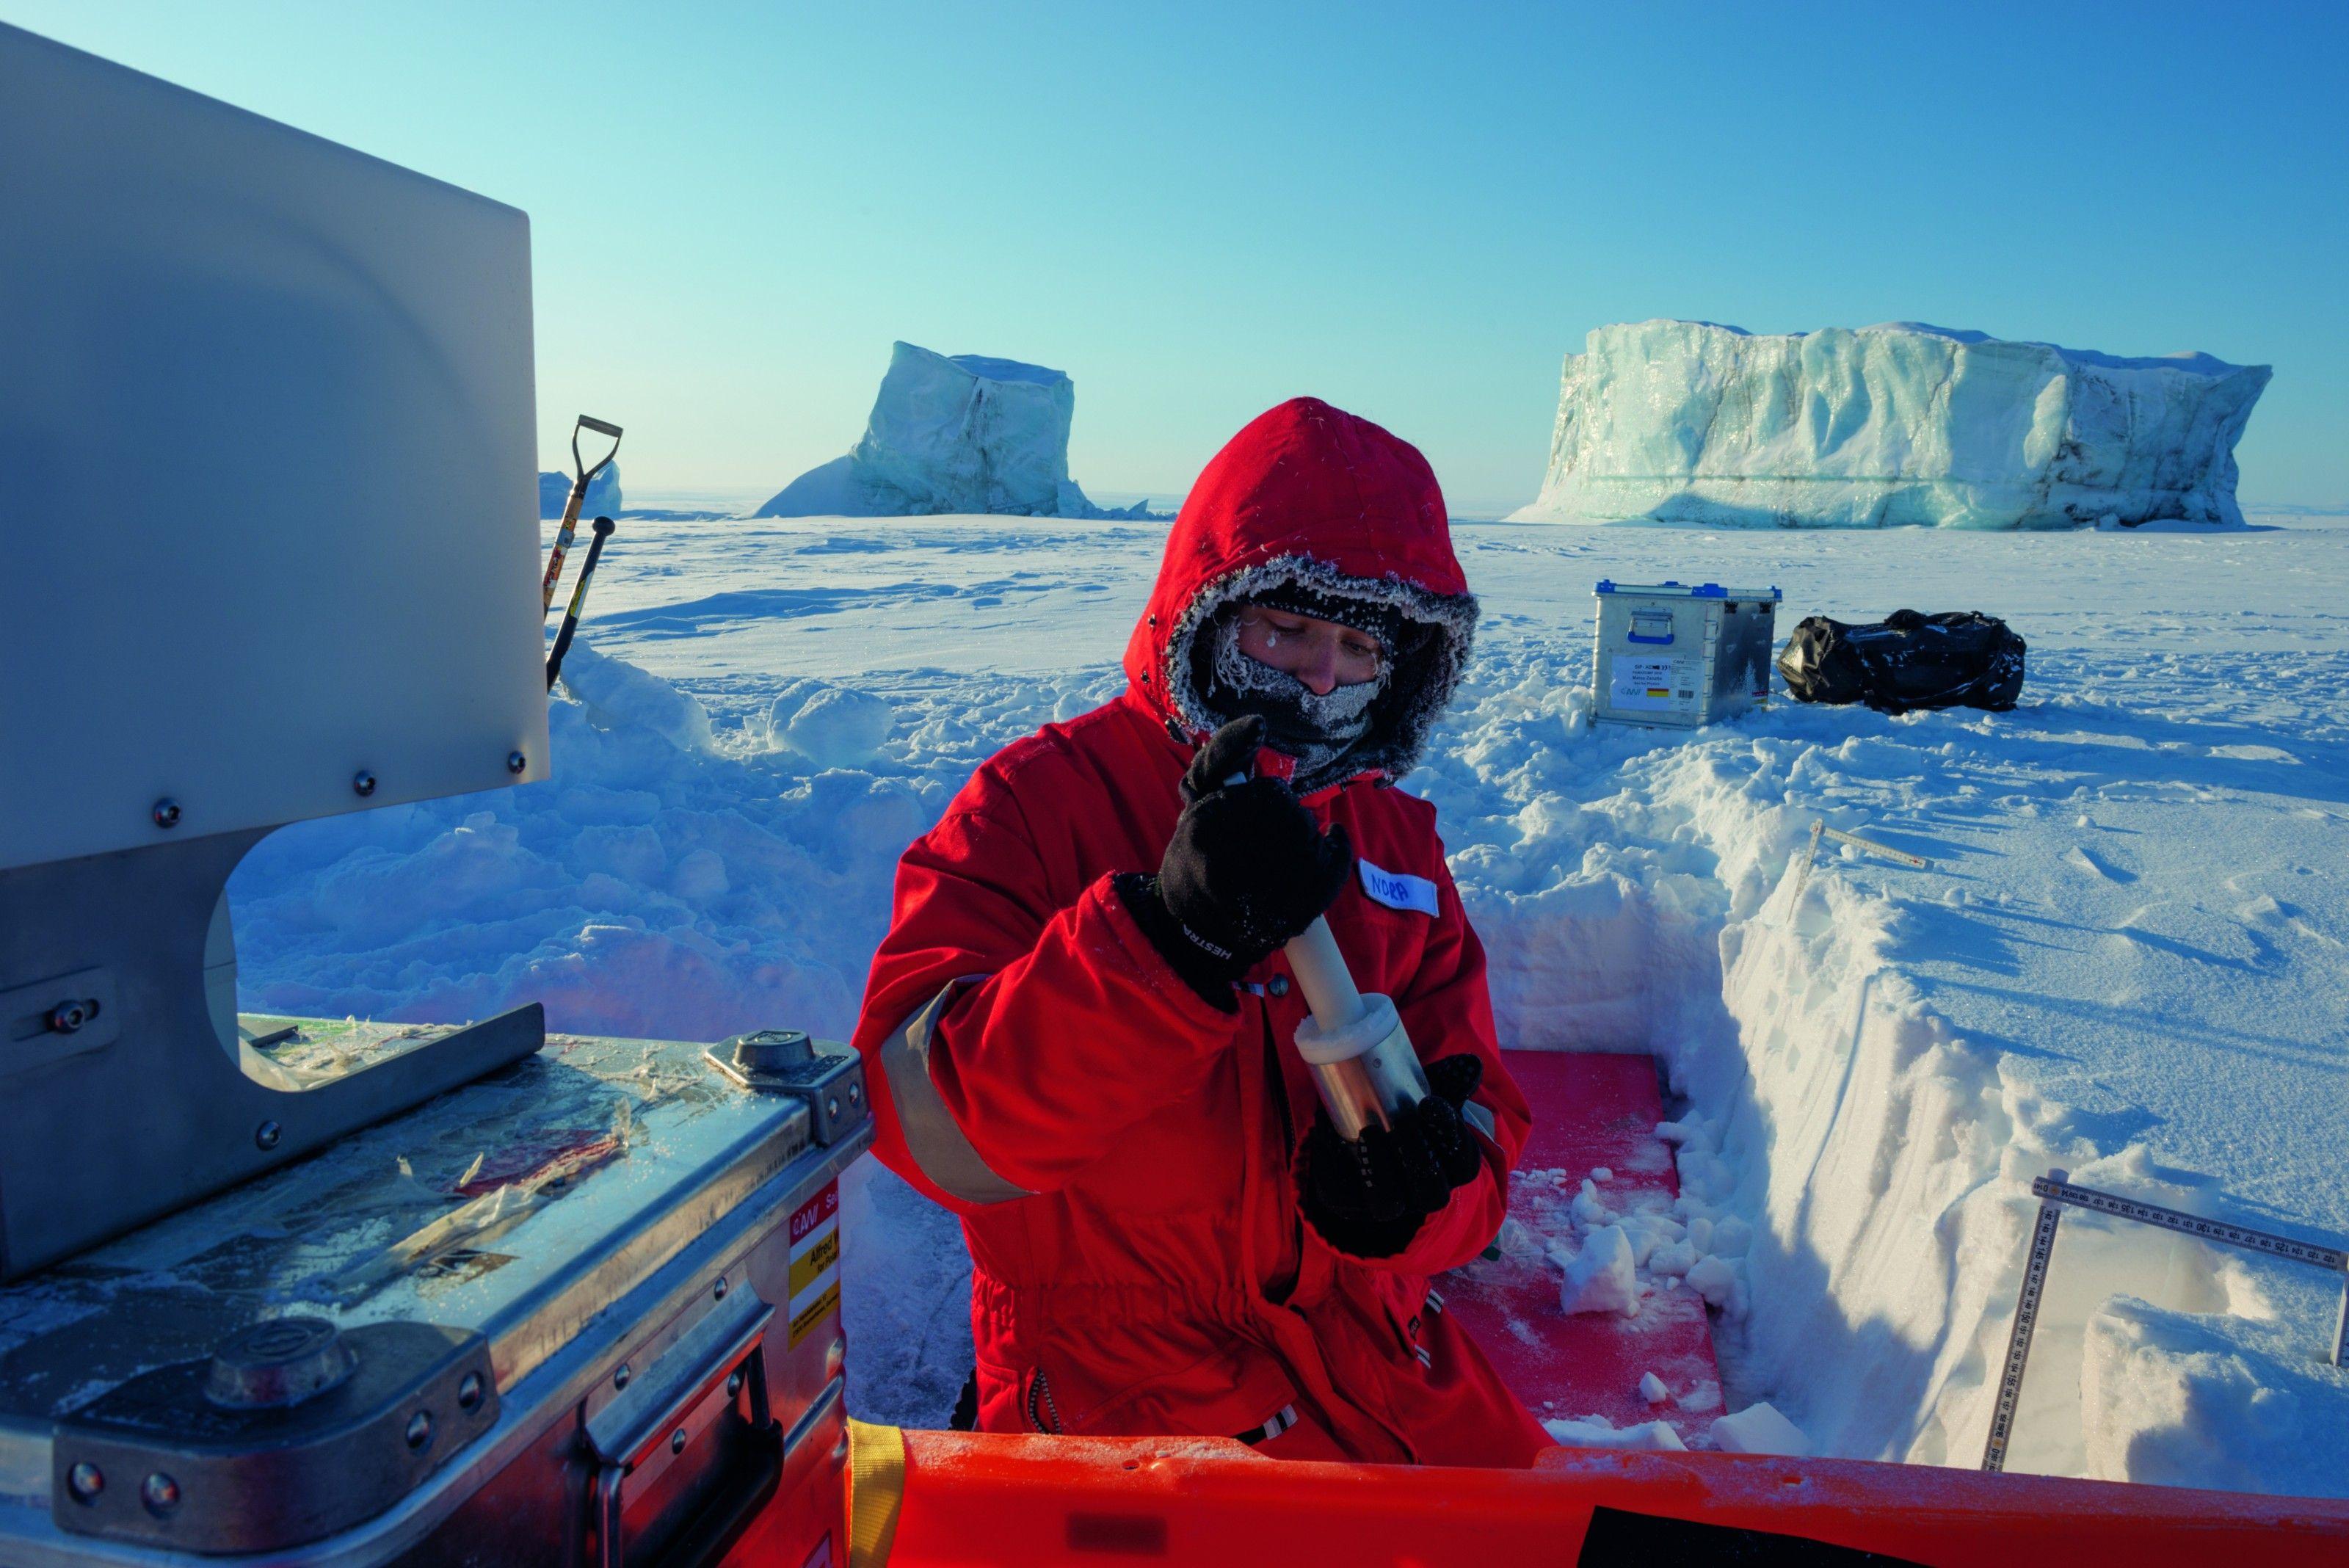 Près de 200 000 virus peupleraient l'océan Arctique | National Geographic